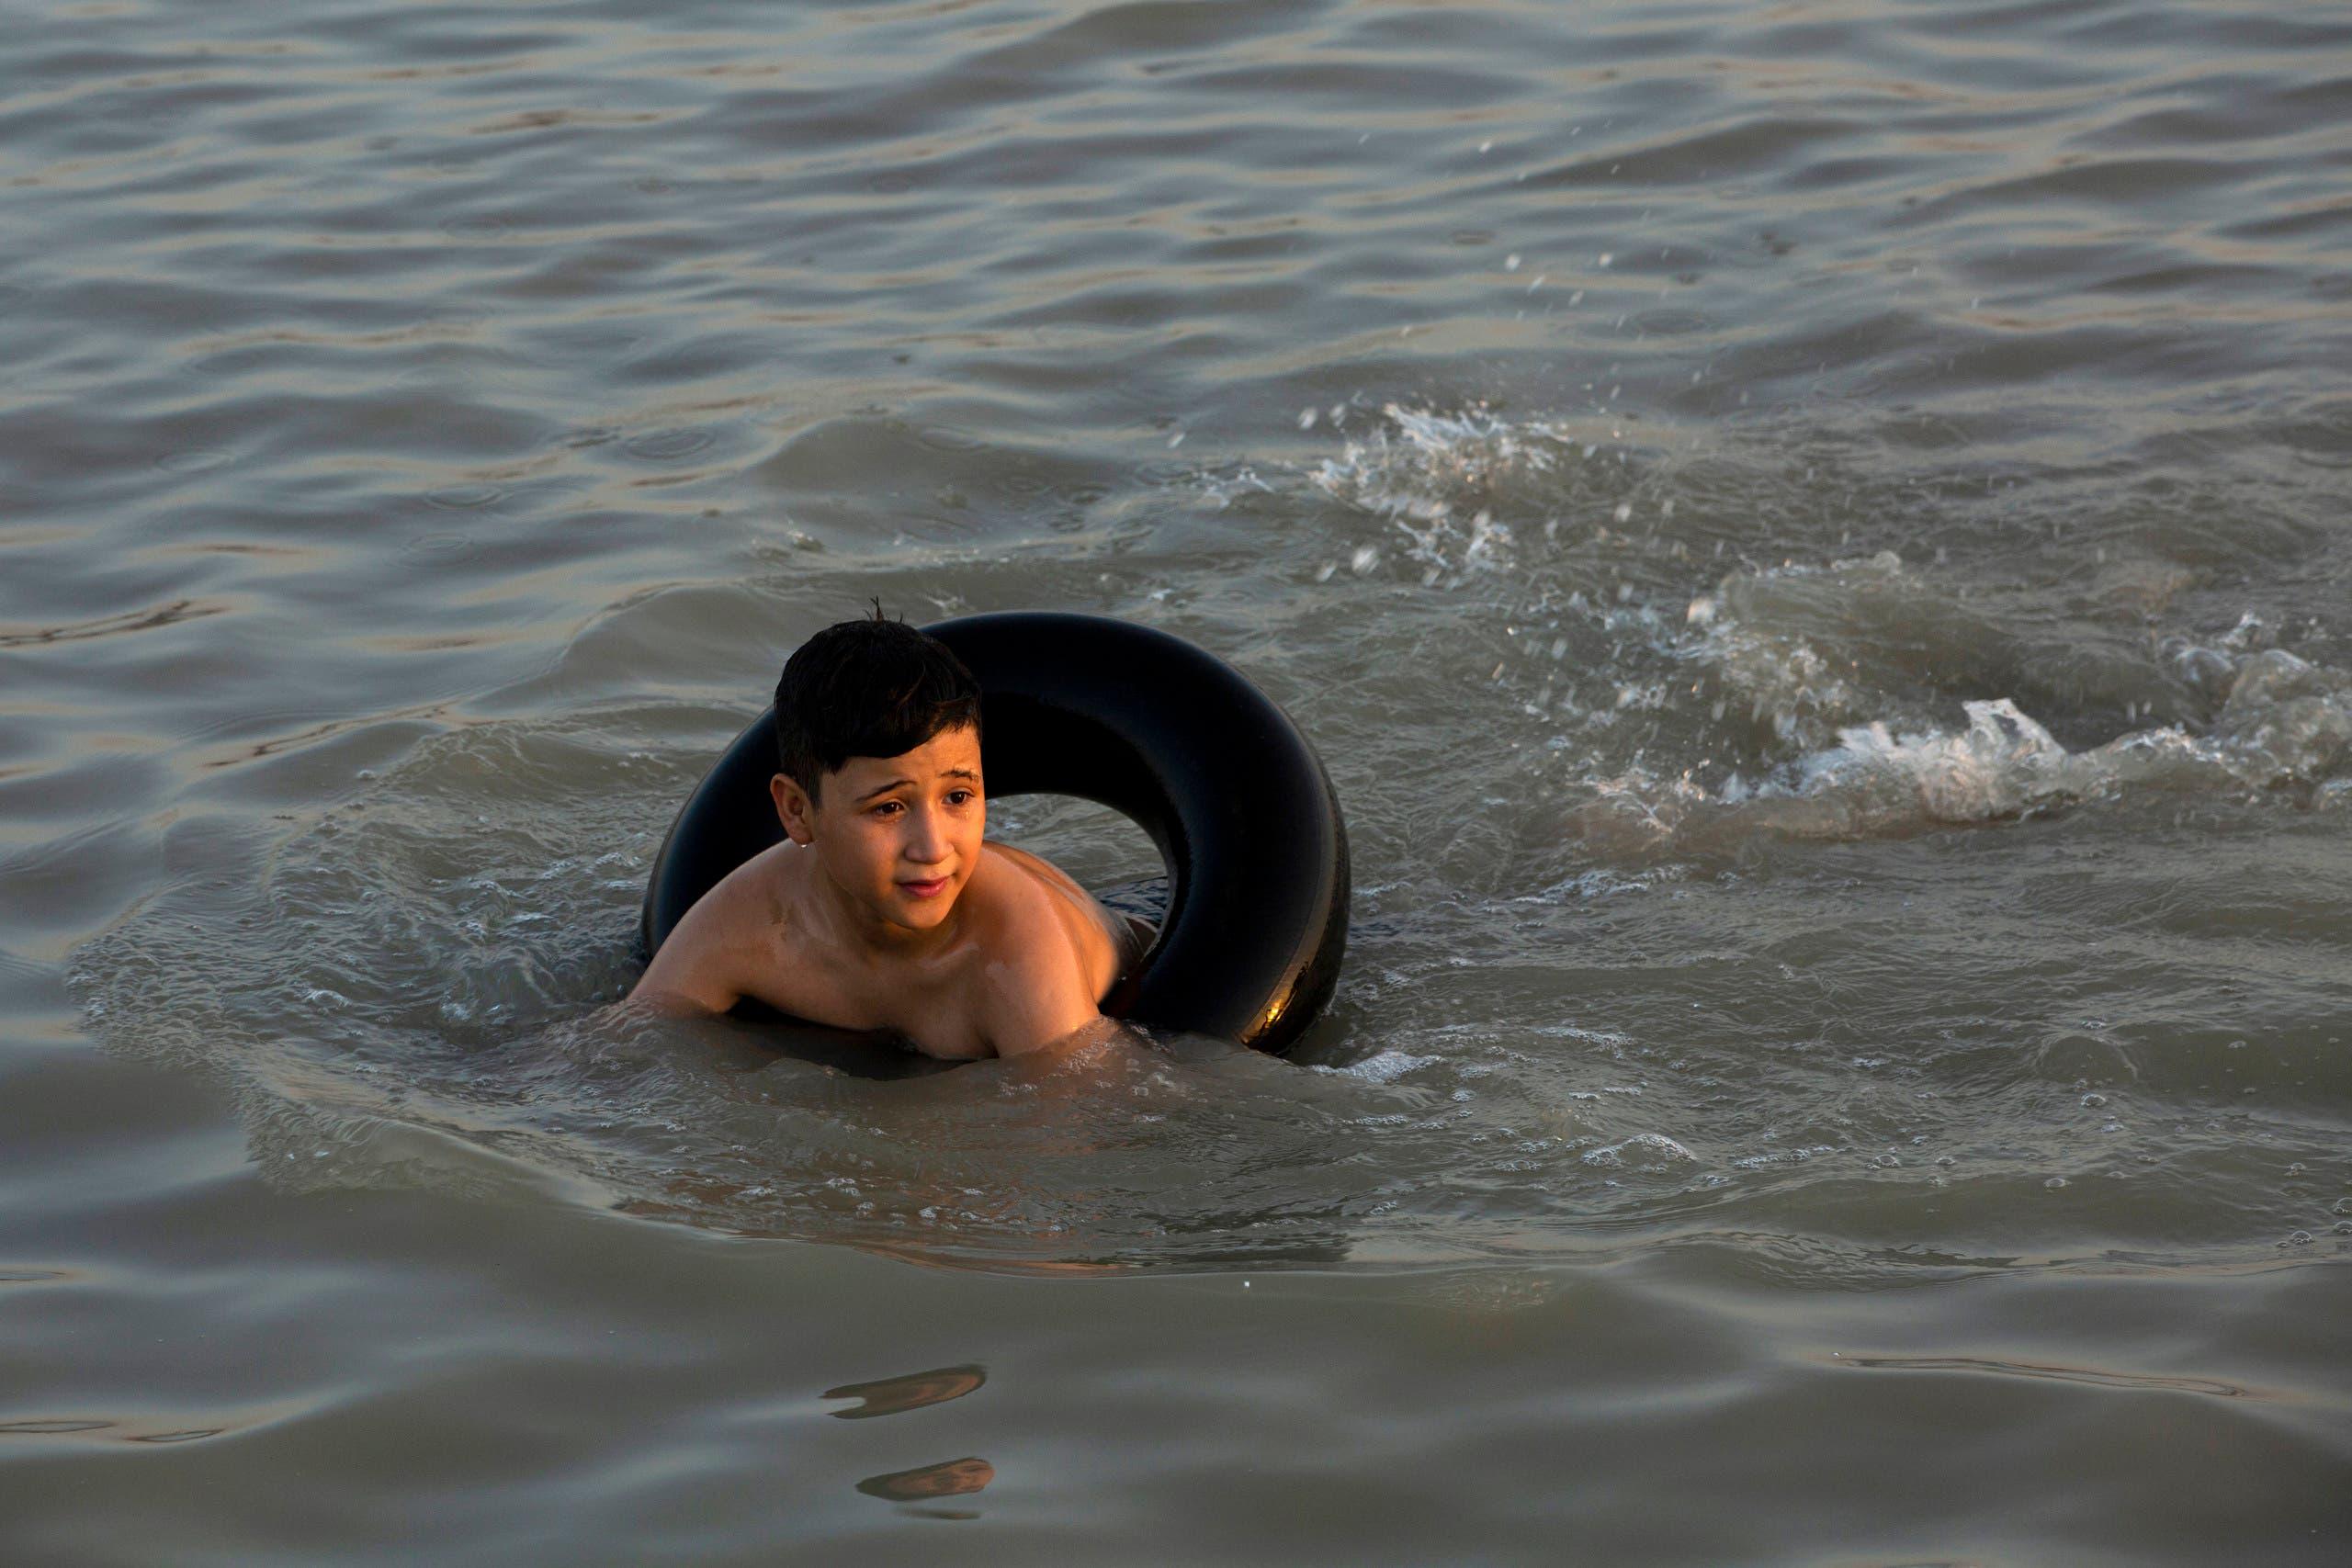 عراقيون يلجأون إلى الأنهر والمياه هربا من حر الصيف وسط انقطاع الكهرباء (فرانس برس)